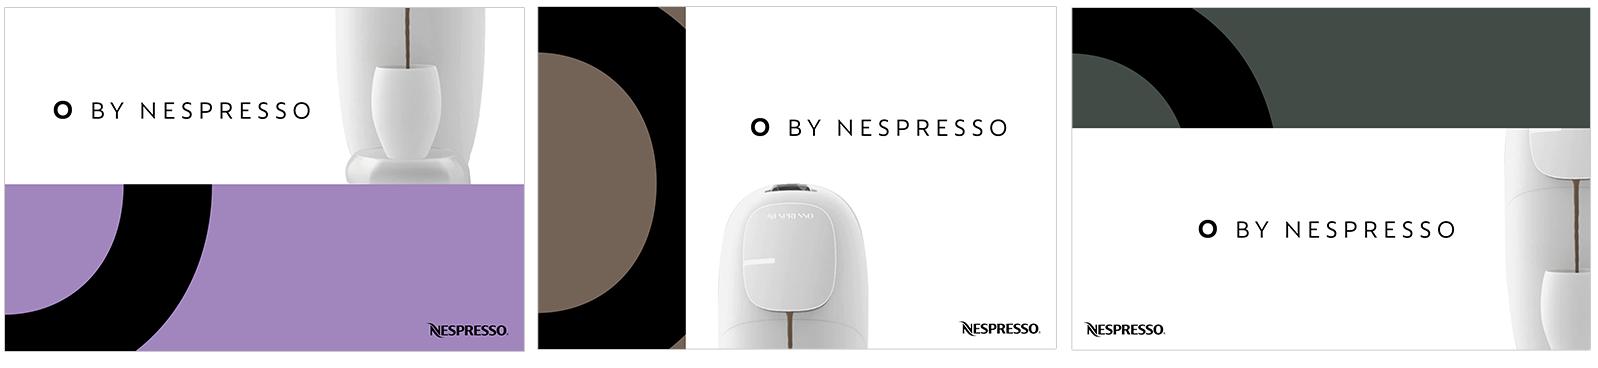 Nespresso_7